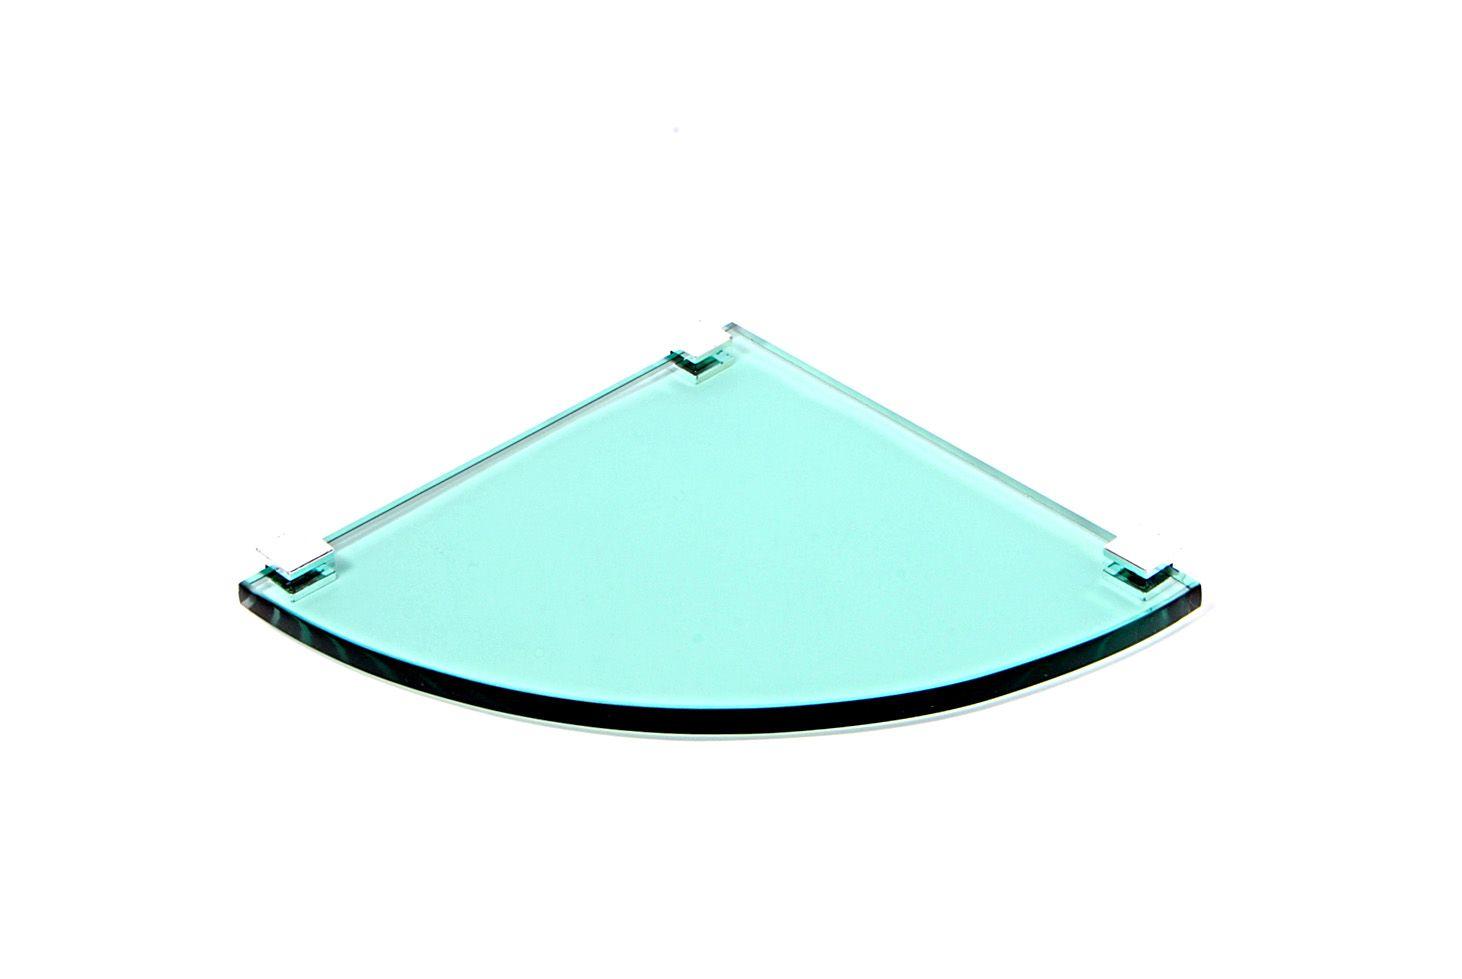 Porta Shampoo de Canto Curvo em Vidro Verde Lapidado - Aquabox  - 20cmx20cmx10mm